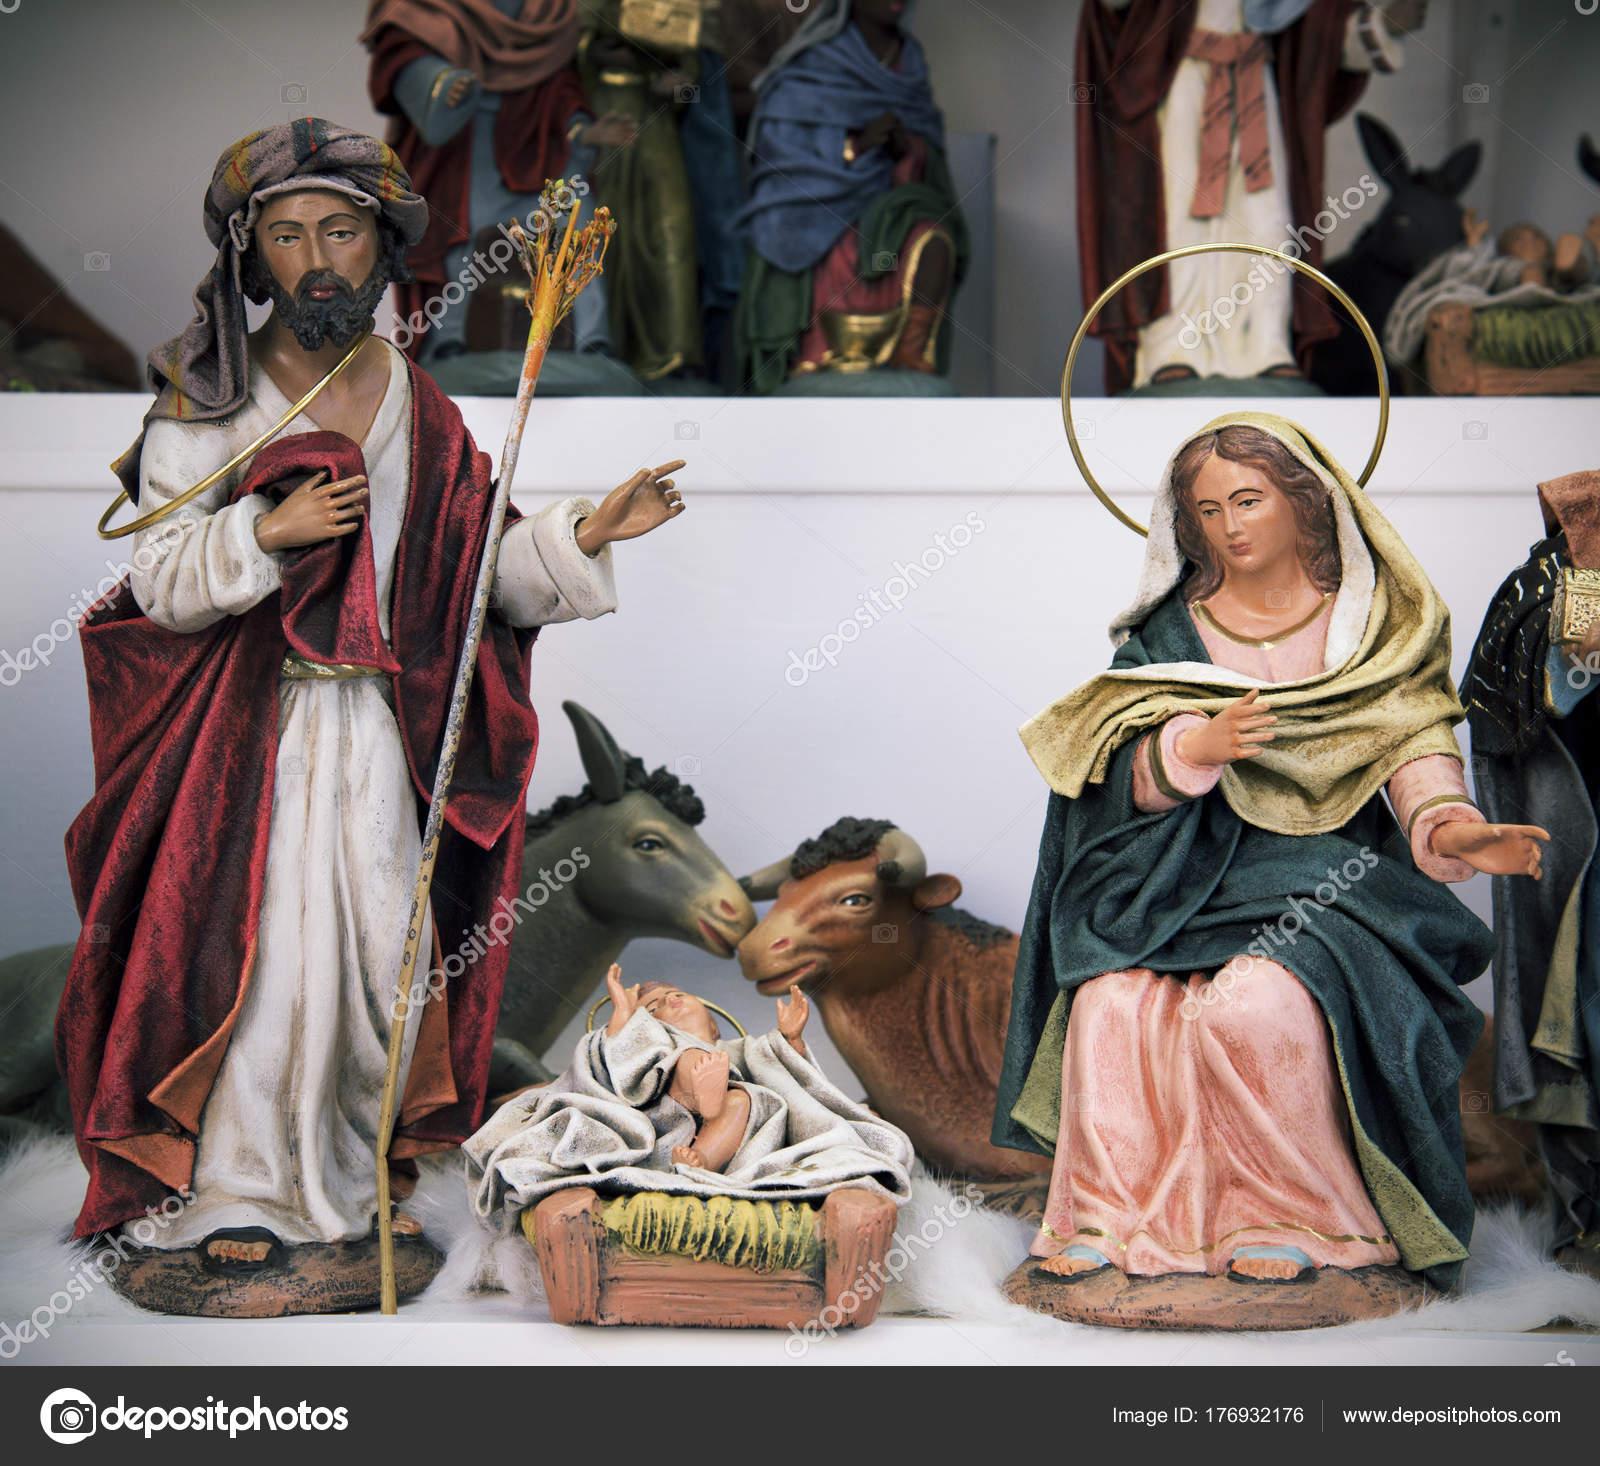 Imagenes Sagrada Familia Navidad.Imagenes Sagrada Familia Navidad La Sagrada Familia A La